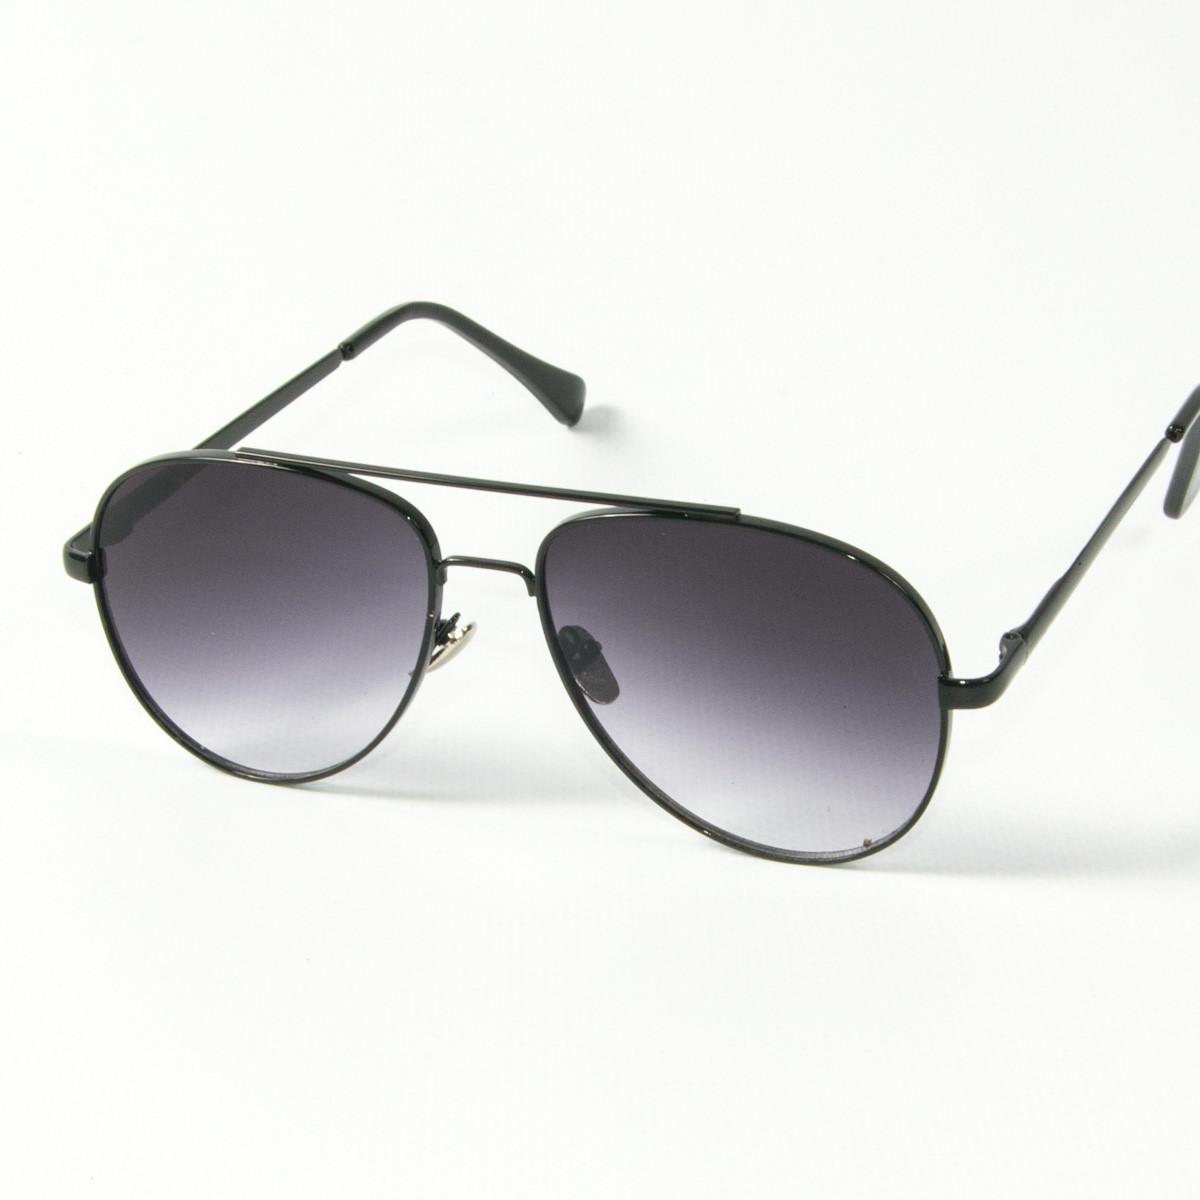 Солнцезащитные очки авиаторы (арт. 80-666/2) черные с черной оправой